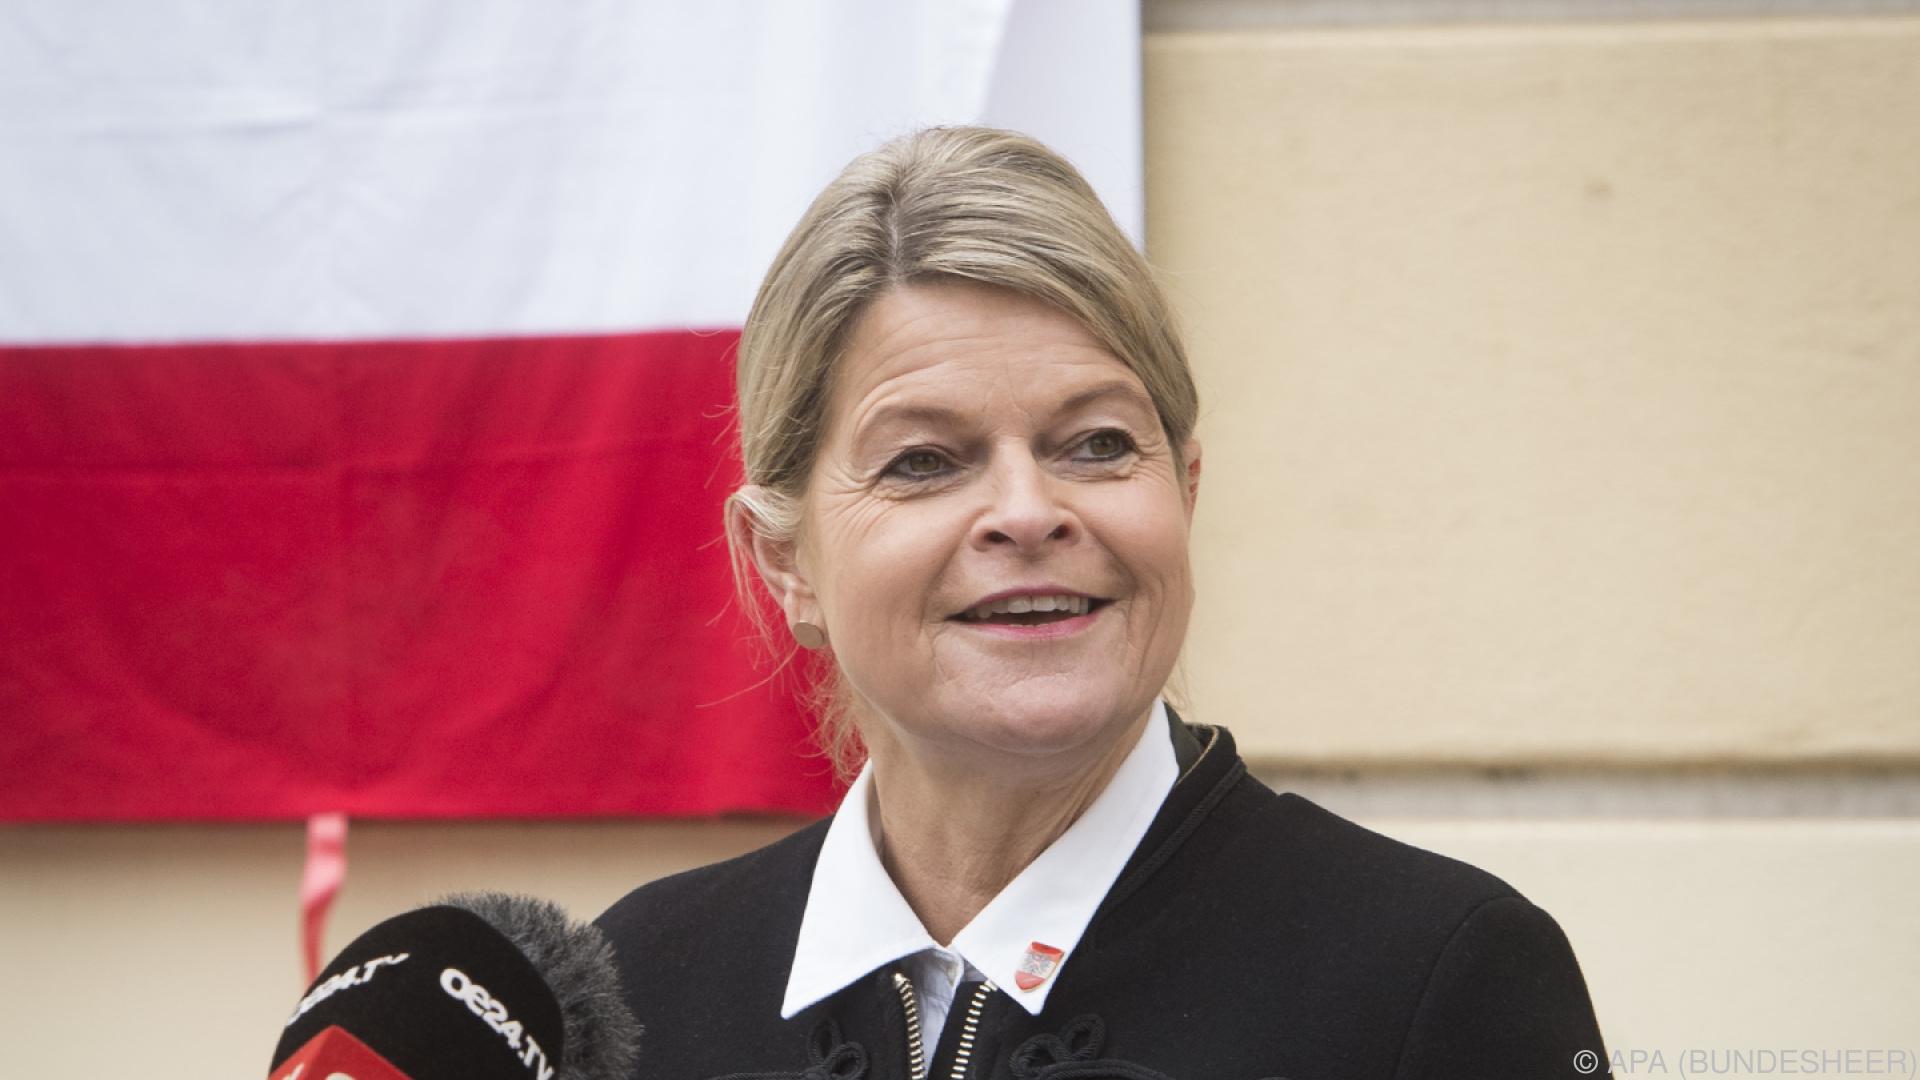 Bundesheer-Liegenschaften in Wien sollen verkauft werden